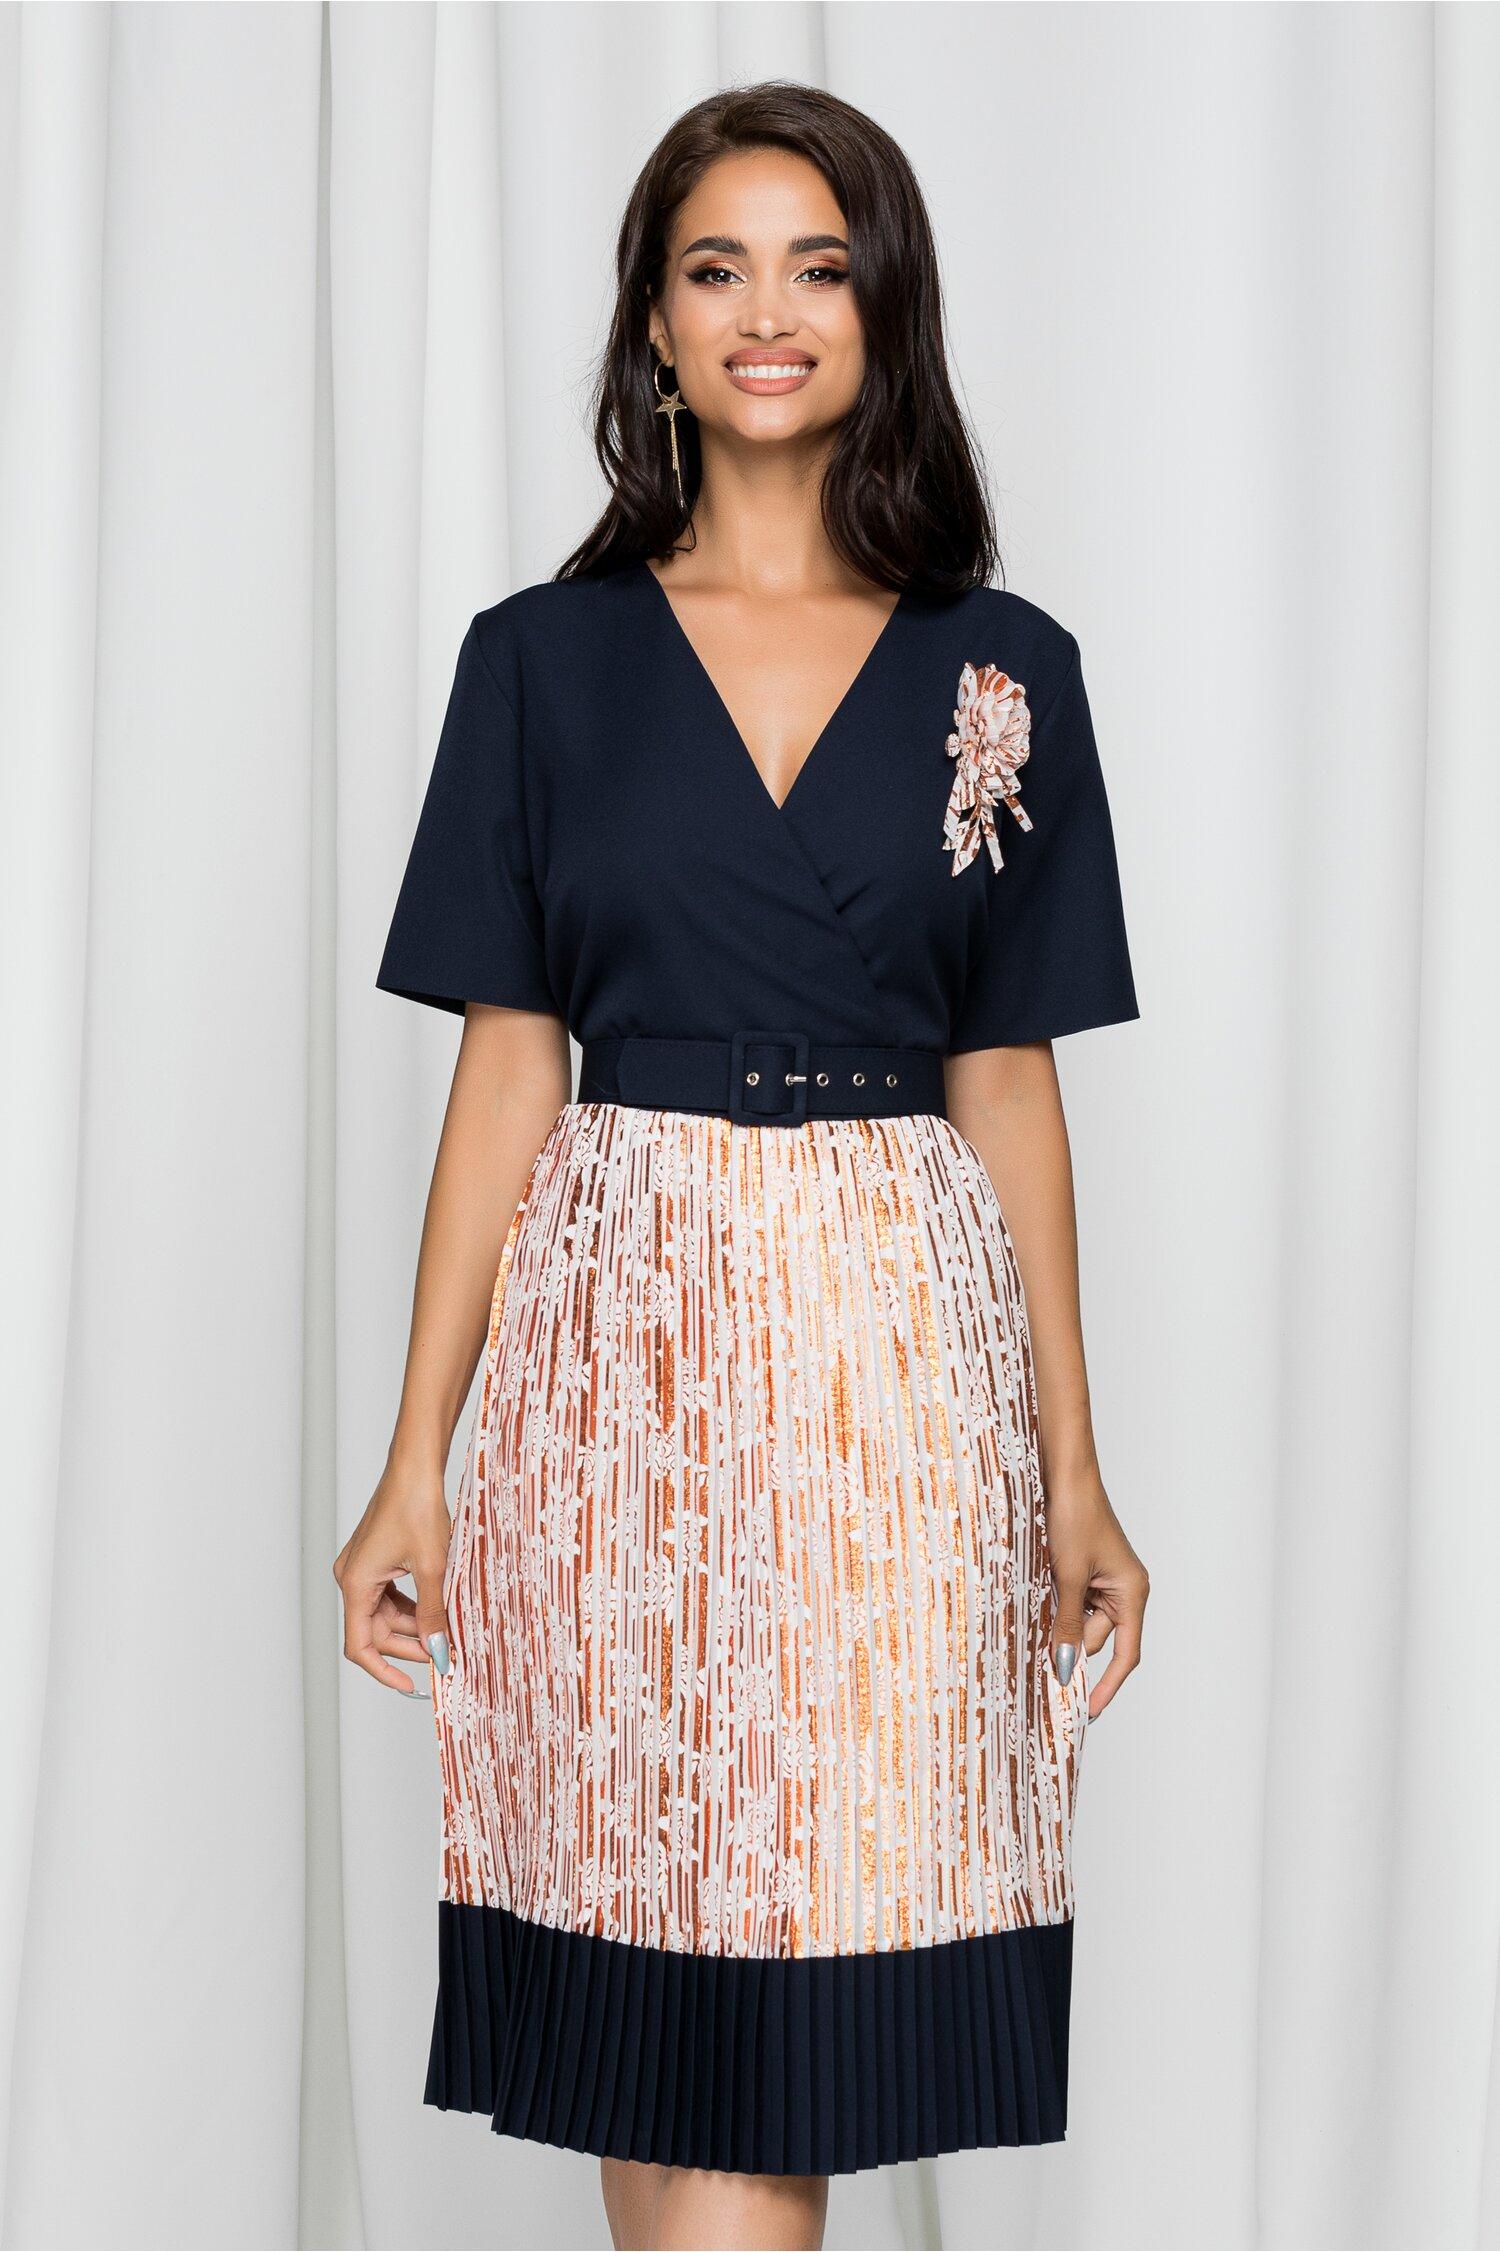 Rochie Gratiela bleumarin cu pliuri aramii pe fusta cu aplicatie florala la bust